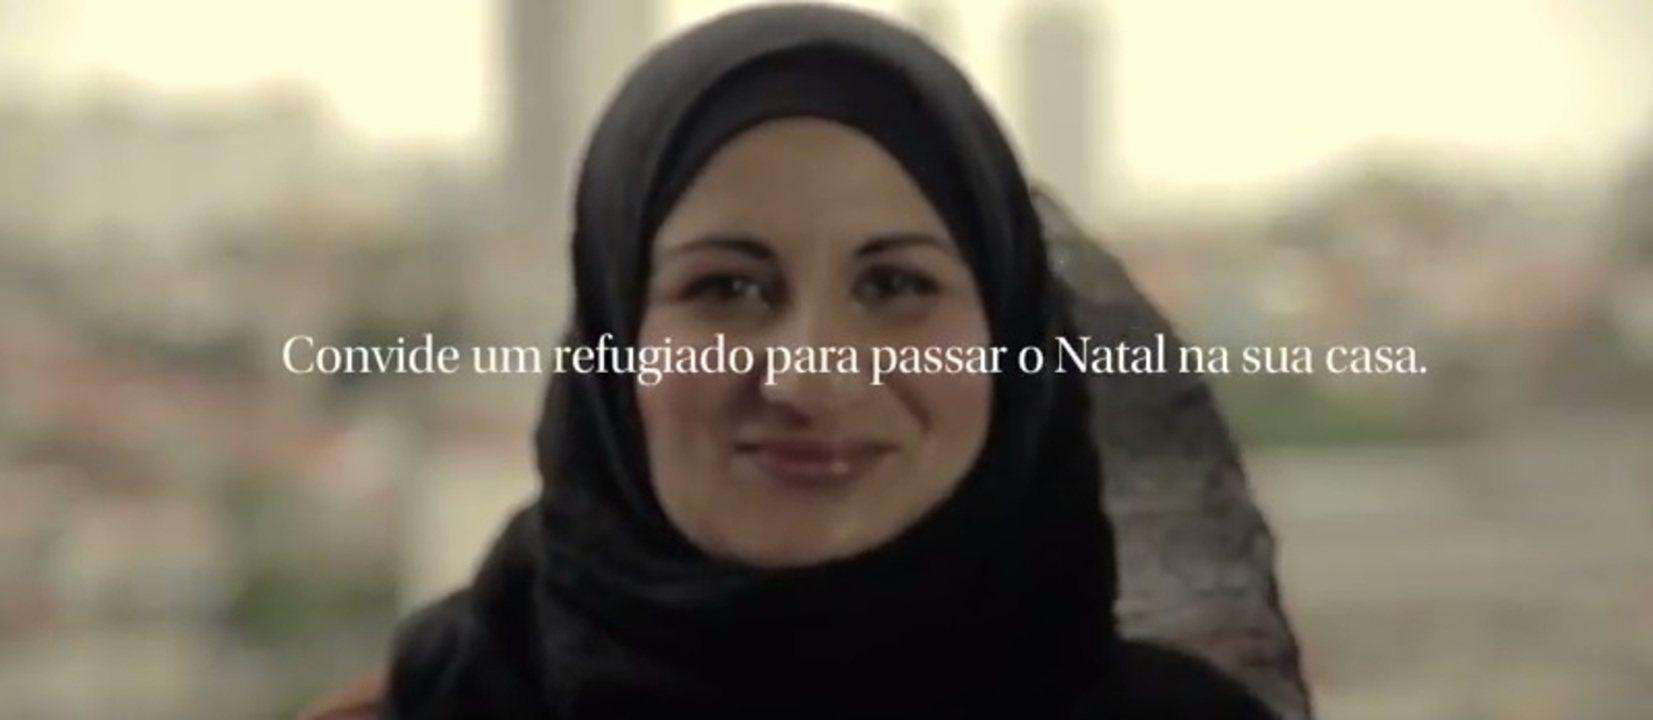 Projeto lança campanha 'Meu amigo refugiado' para o Natal